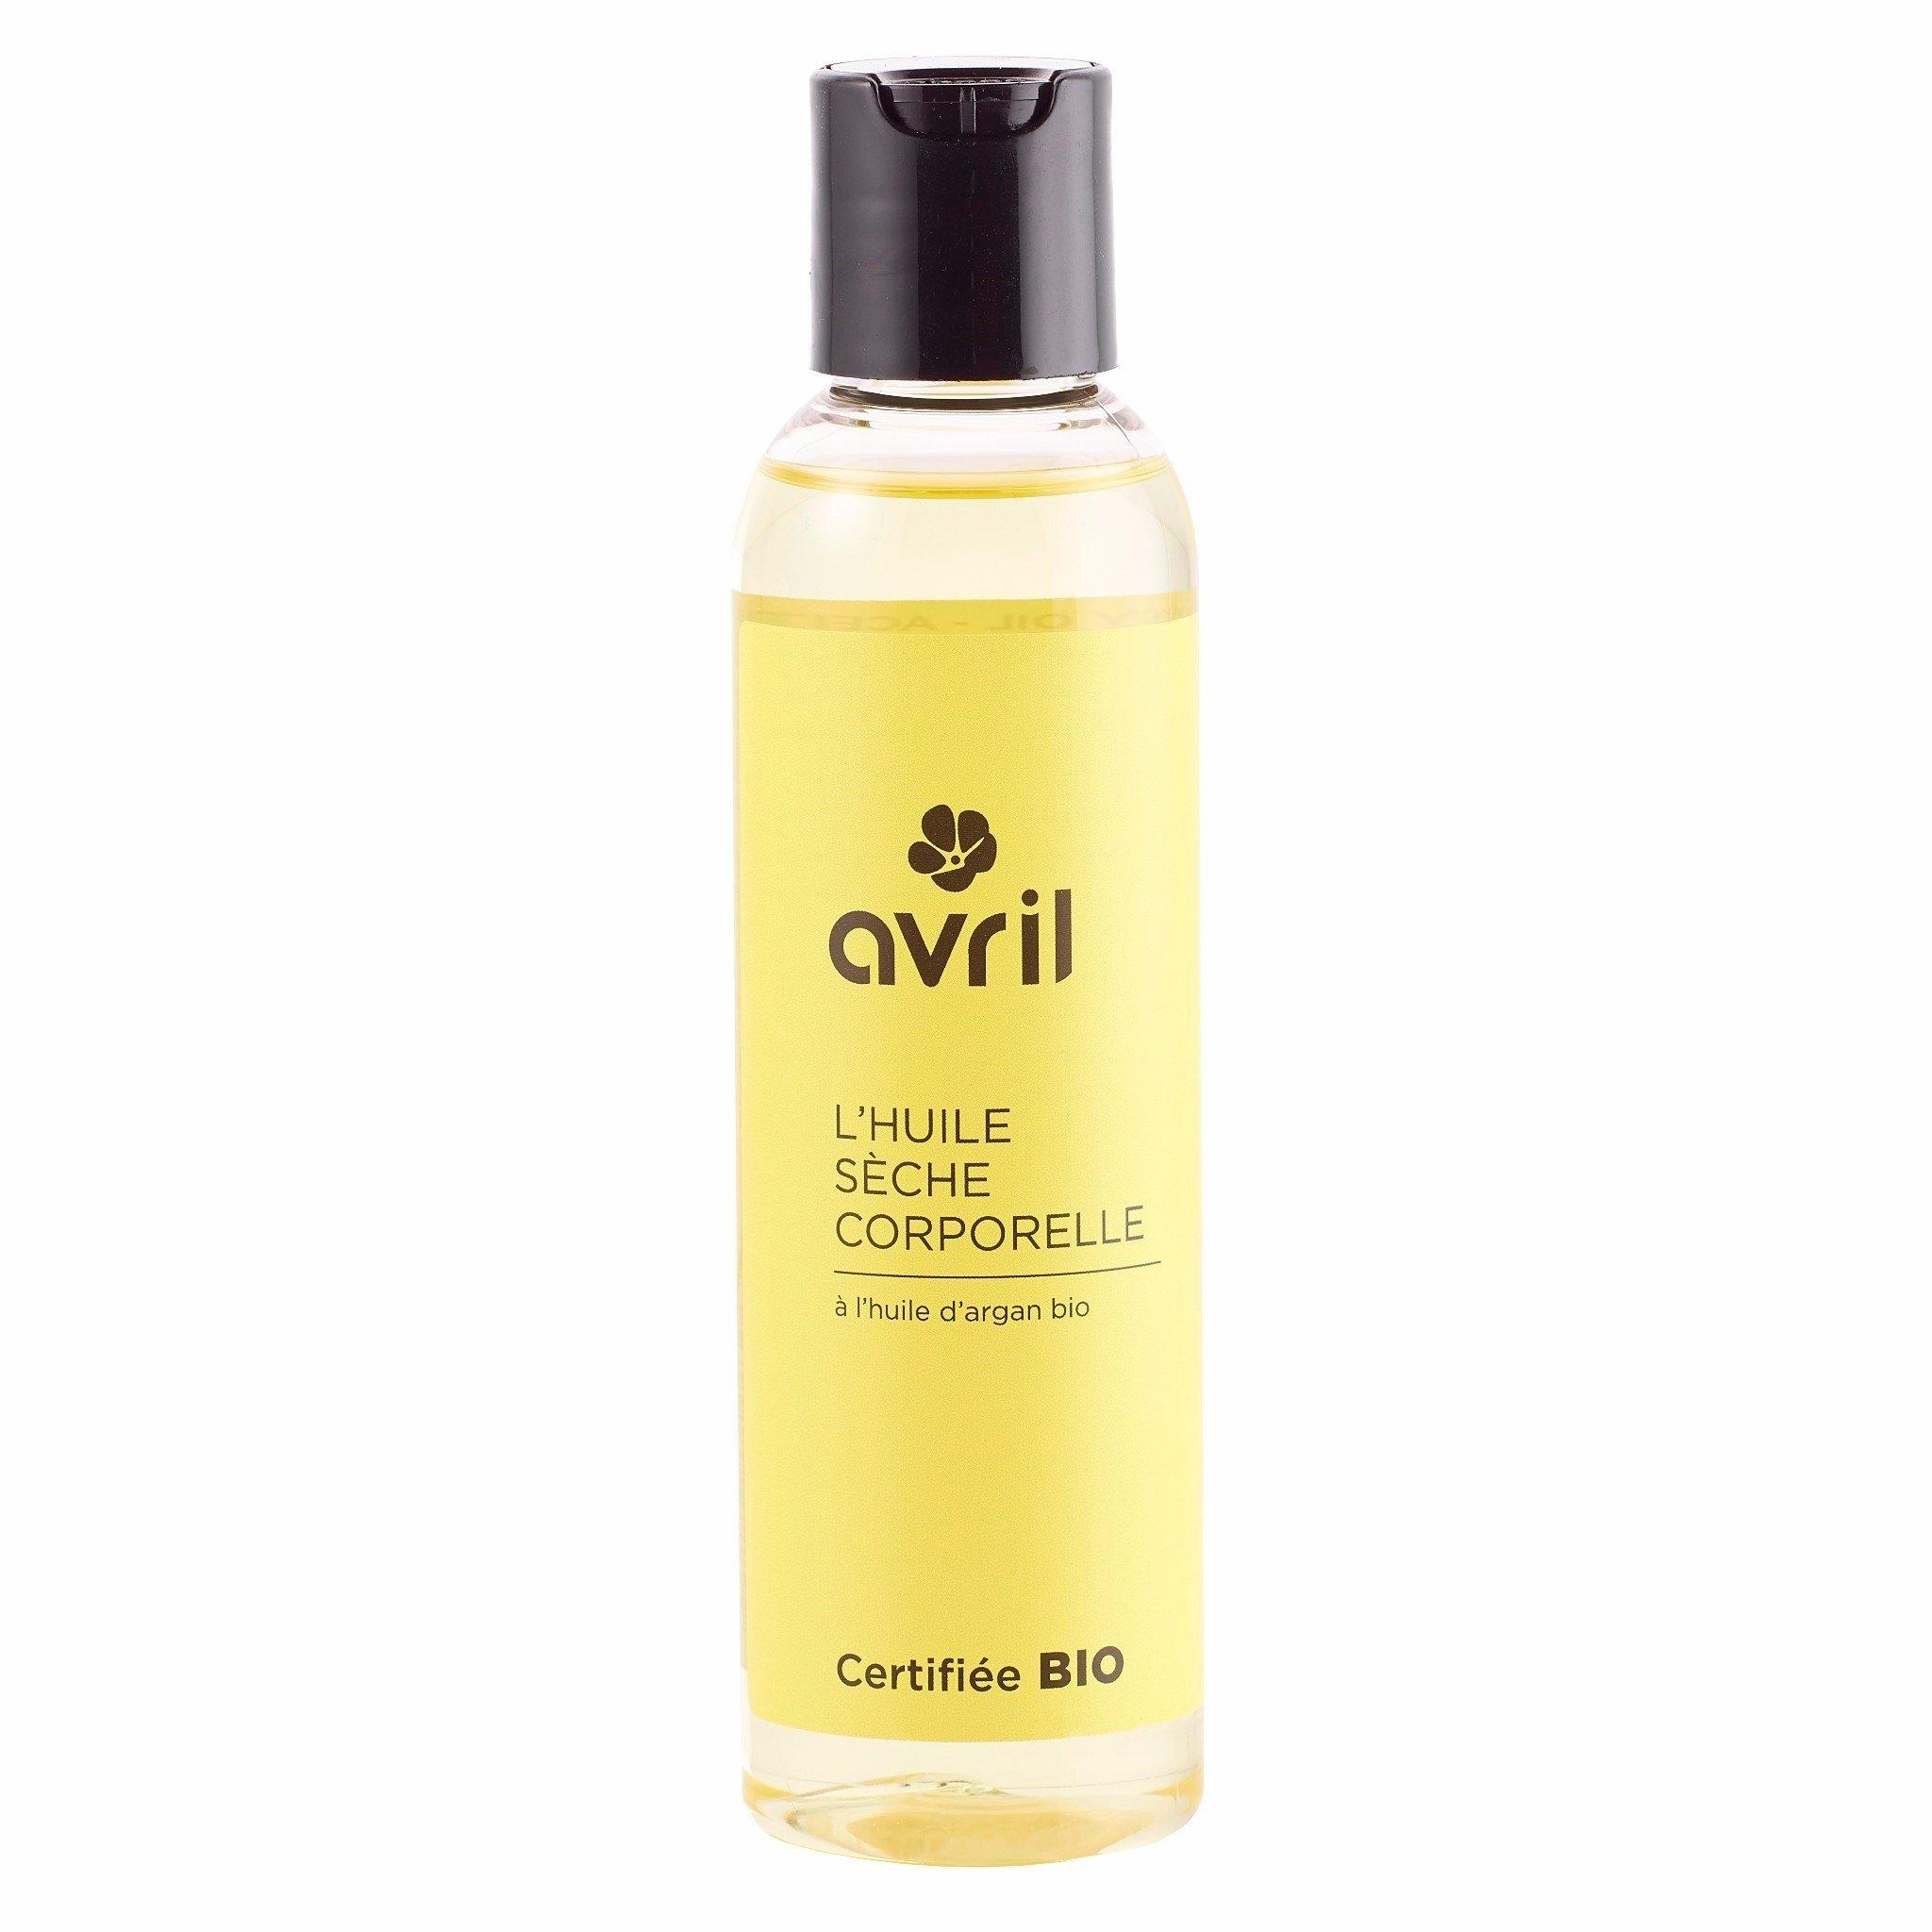 Dầu khô dưỡng thể Avril Huile sèche corporelle - 150 ml